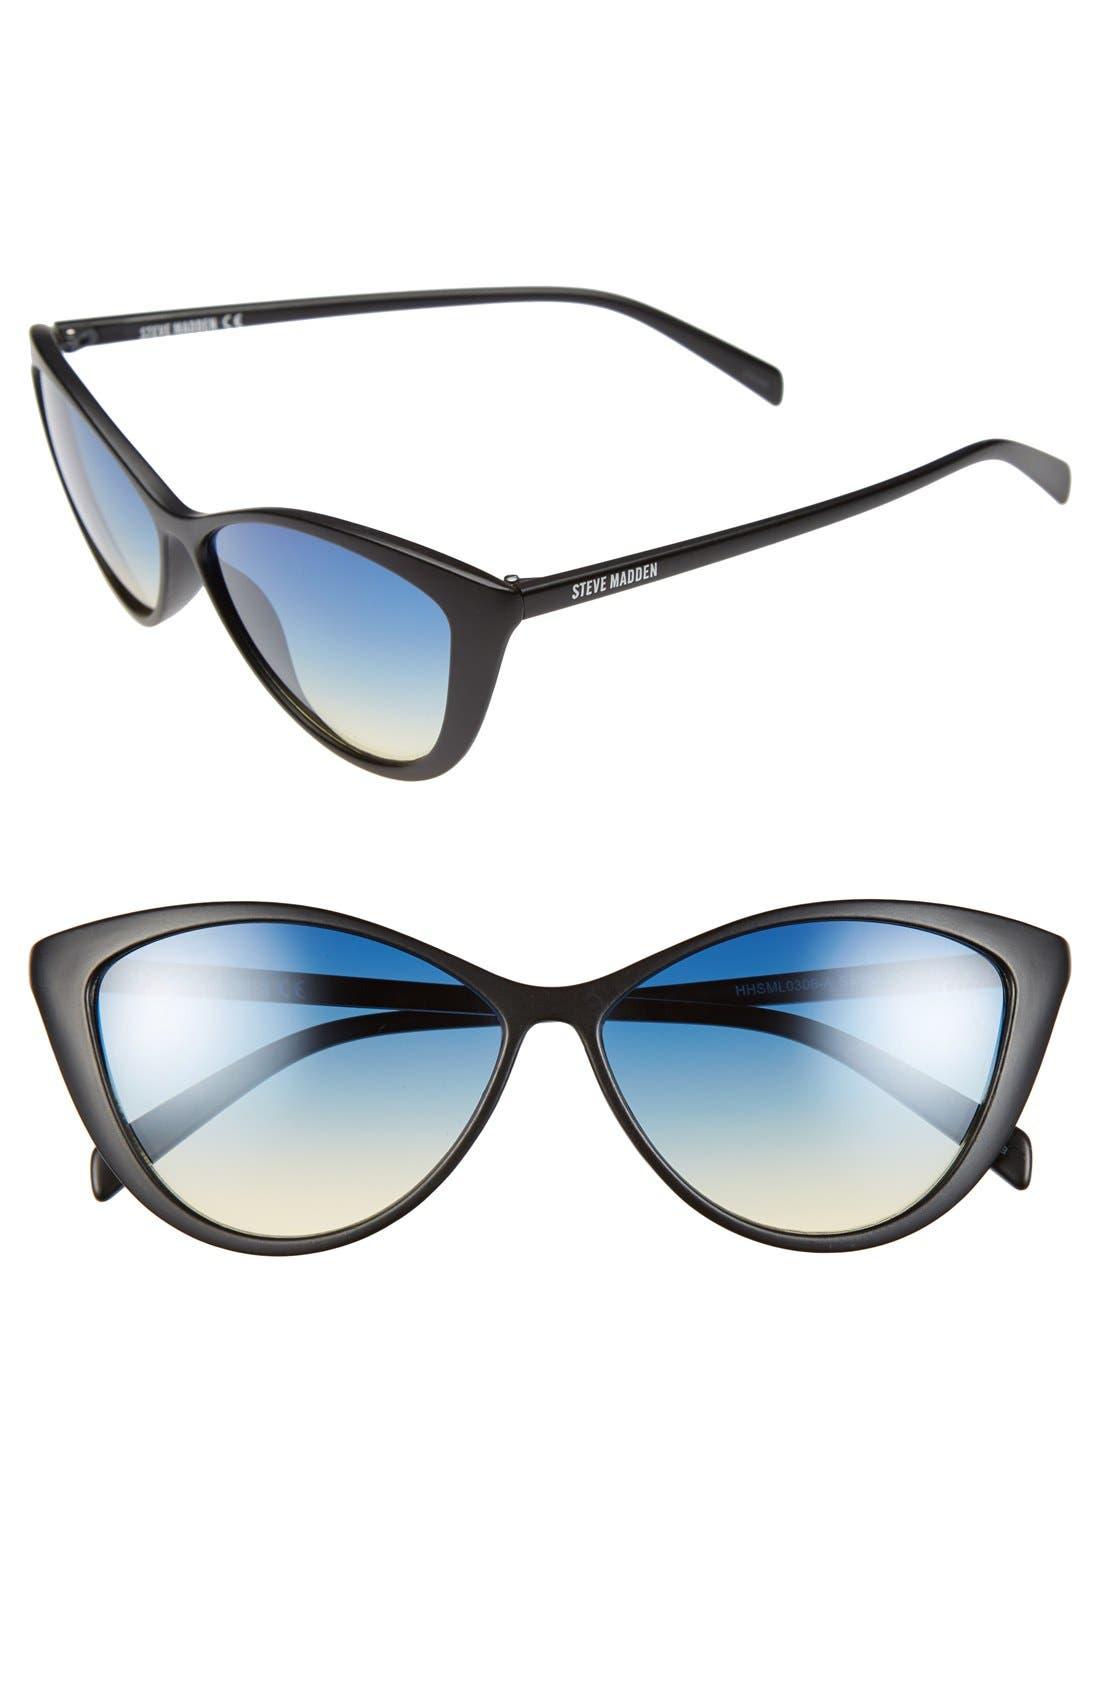 Alternate Image 1 Selected - Steve Madden 58mm Cat Eye Sunglasses